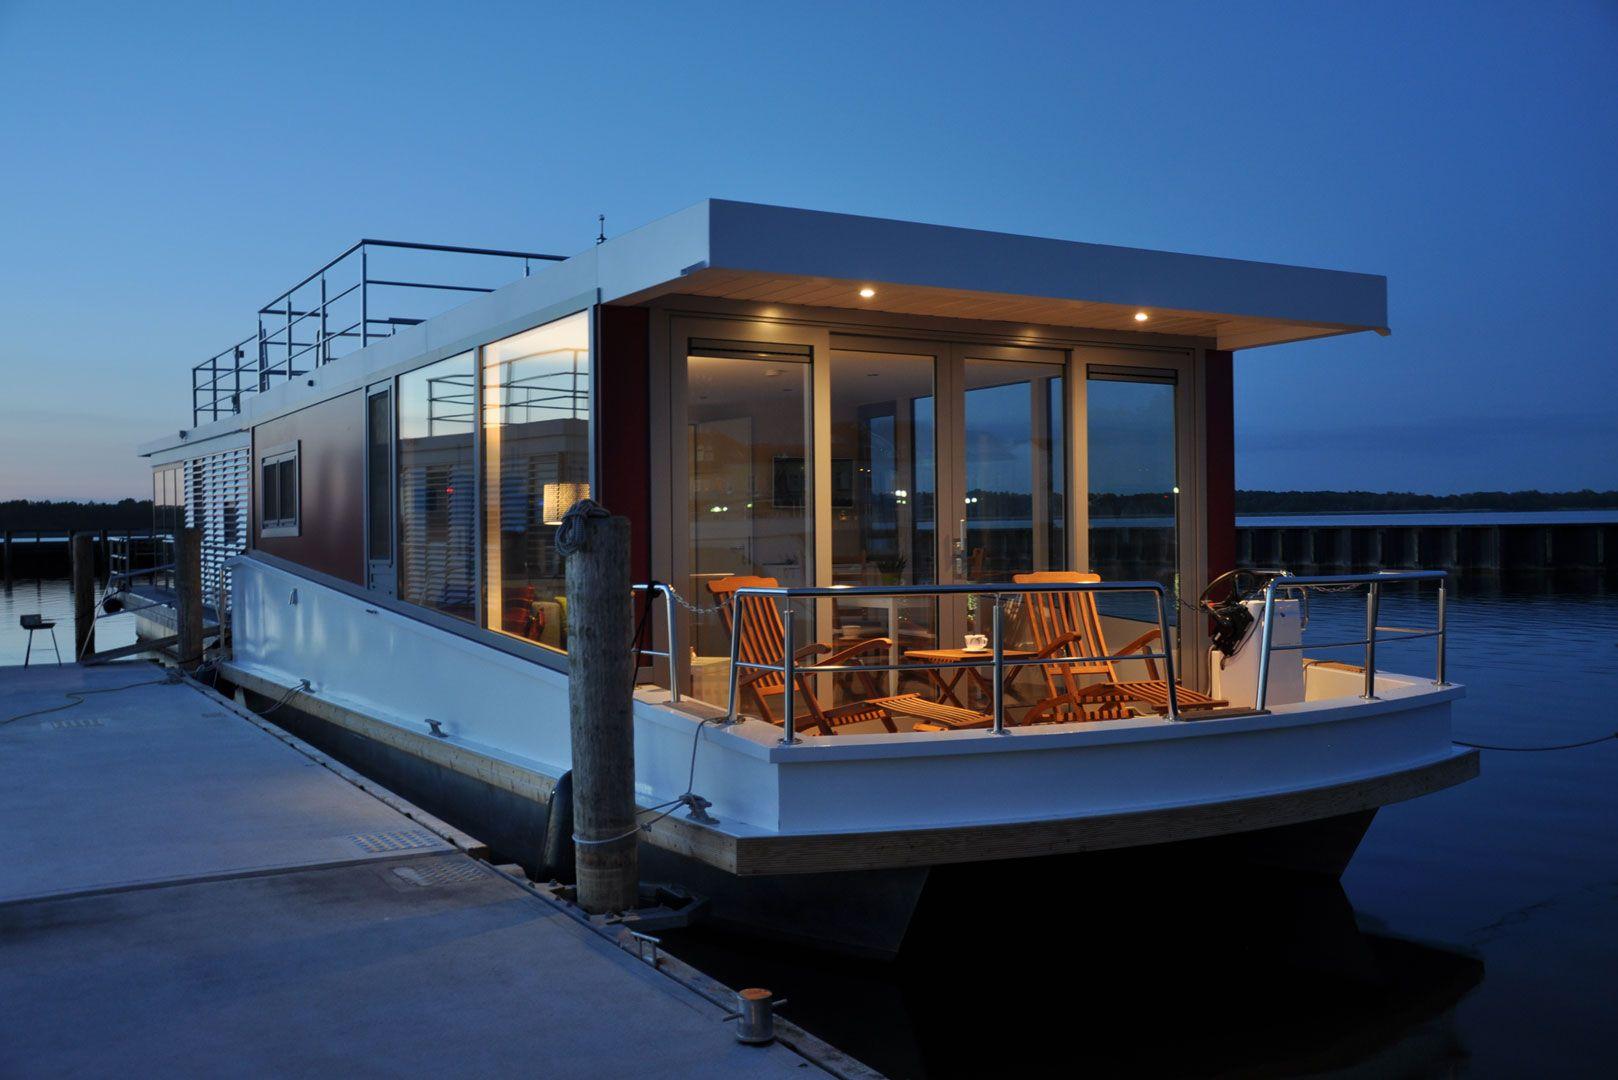 hausboot ostsee ribnitz damgarten hausboote pinterest hausboote ostsee und traumziele. Black Bedroom Furniture Sets. Home Design Ideas